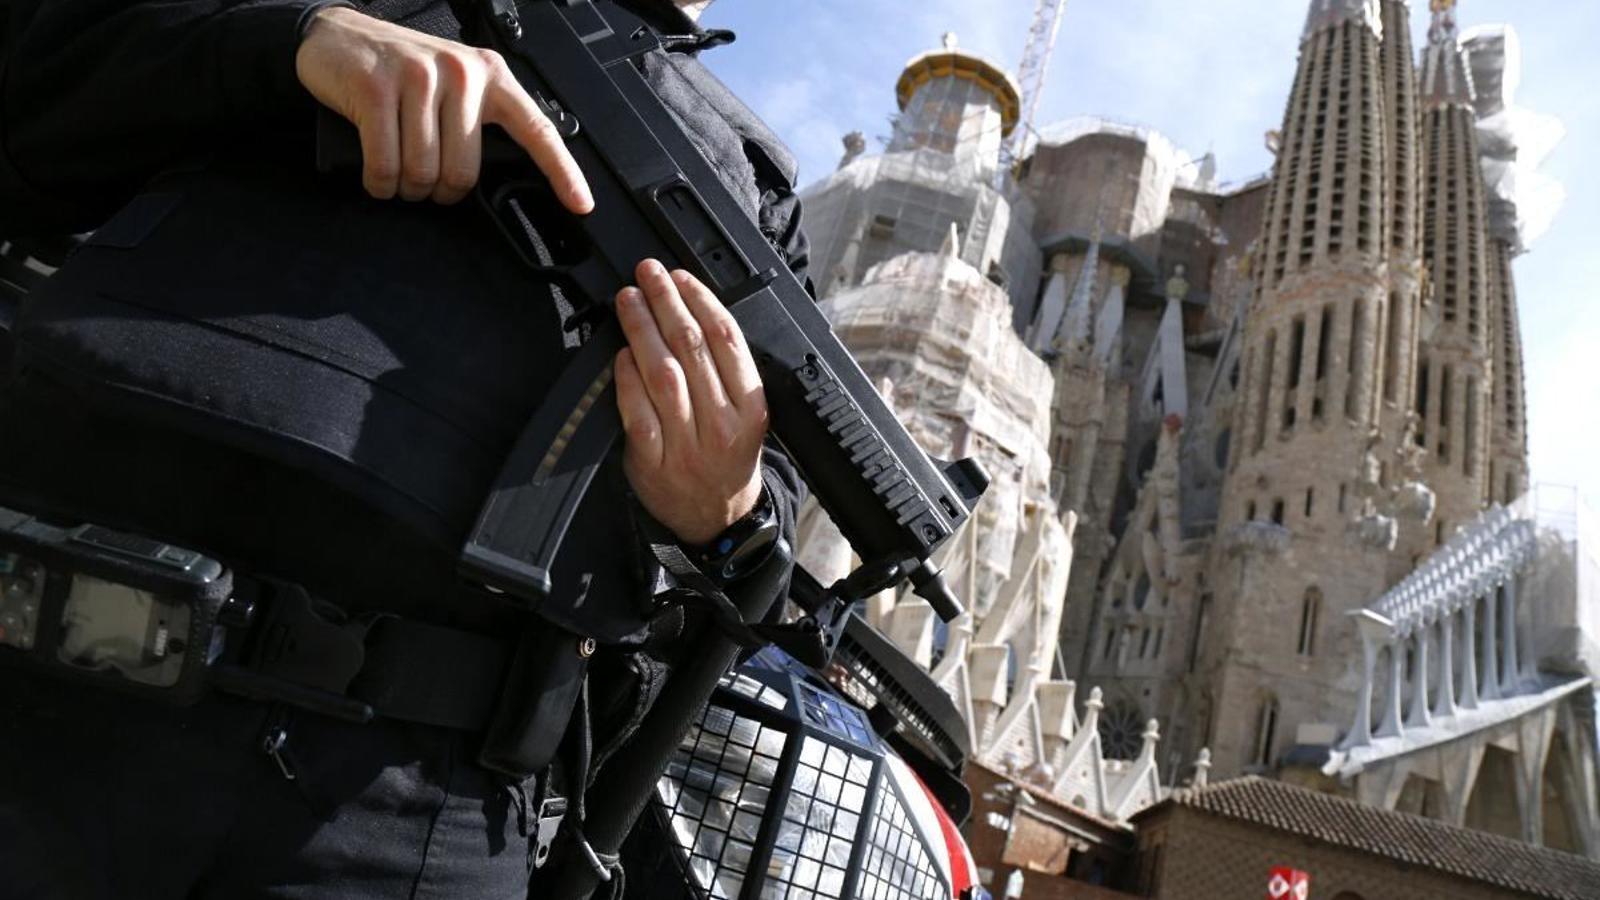 Els Mossos d'Esquadra reforcen la seguretat a punts sensibles i concorreguts, com la Sagrada Família, després dels atemptats a Brussel·les